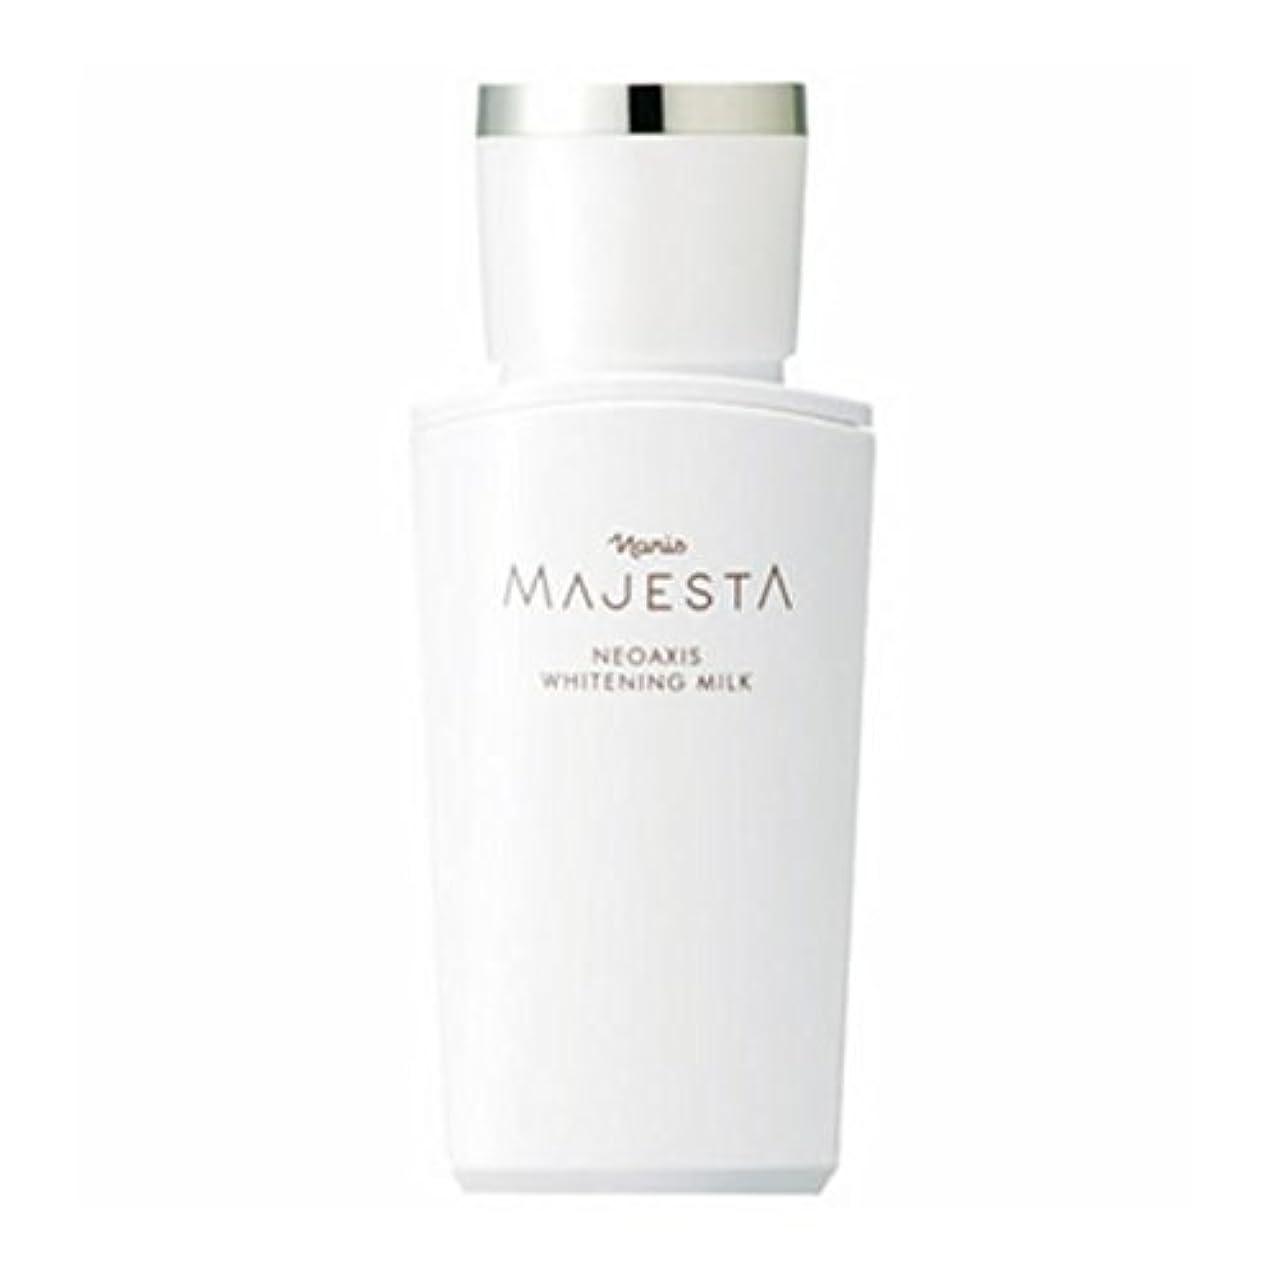 ペチュランス降雨むき出しナリス化粧品 マジェスタ ネオアクシス ホワイトニング ミルク (薬用 美白乳液) 80ml